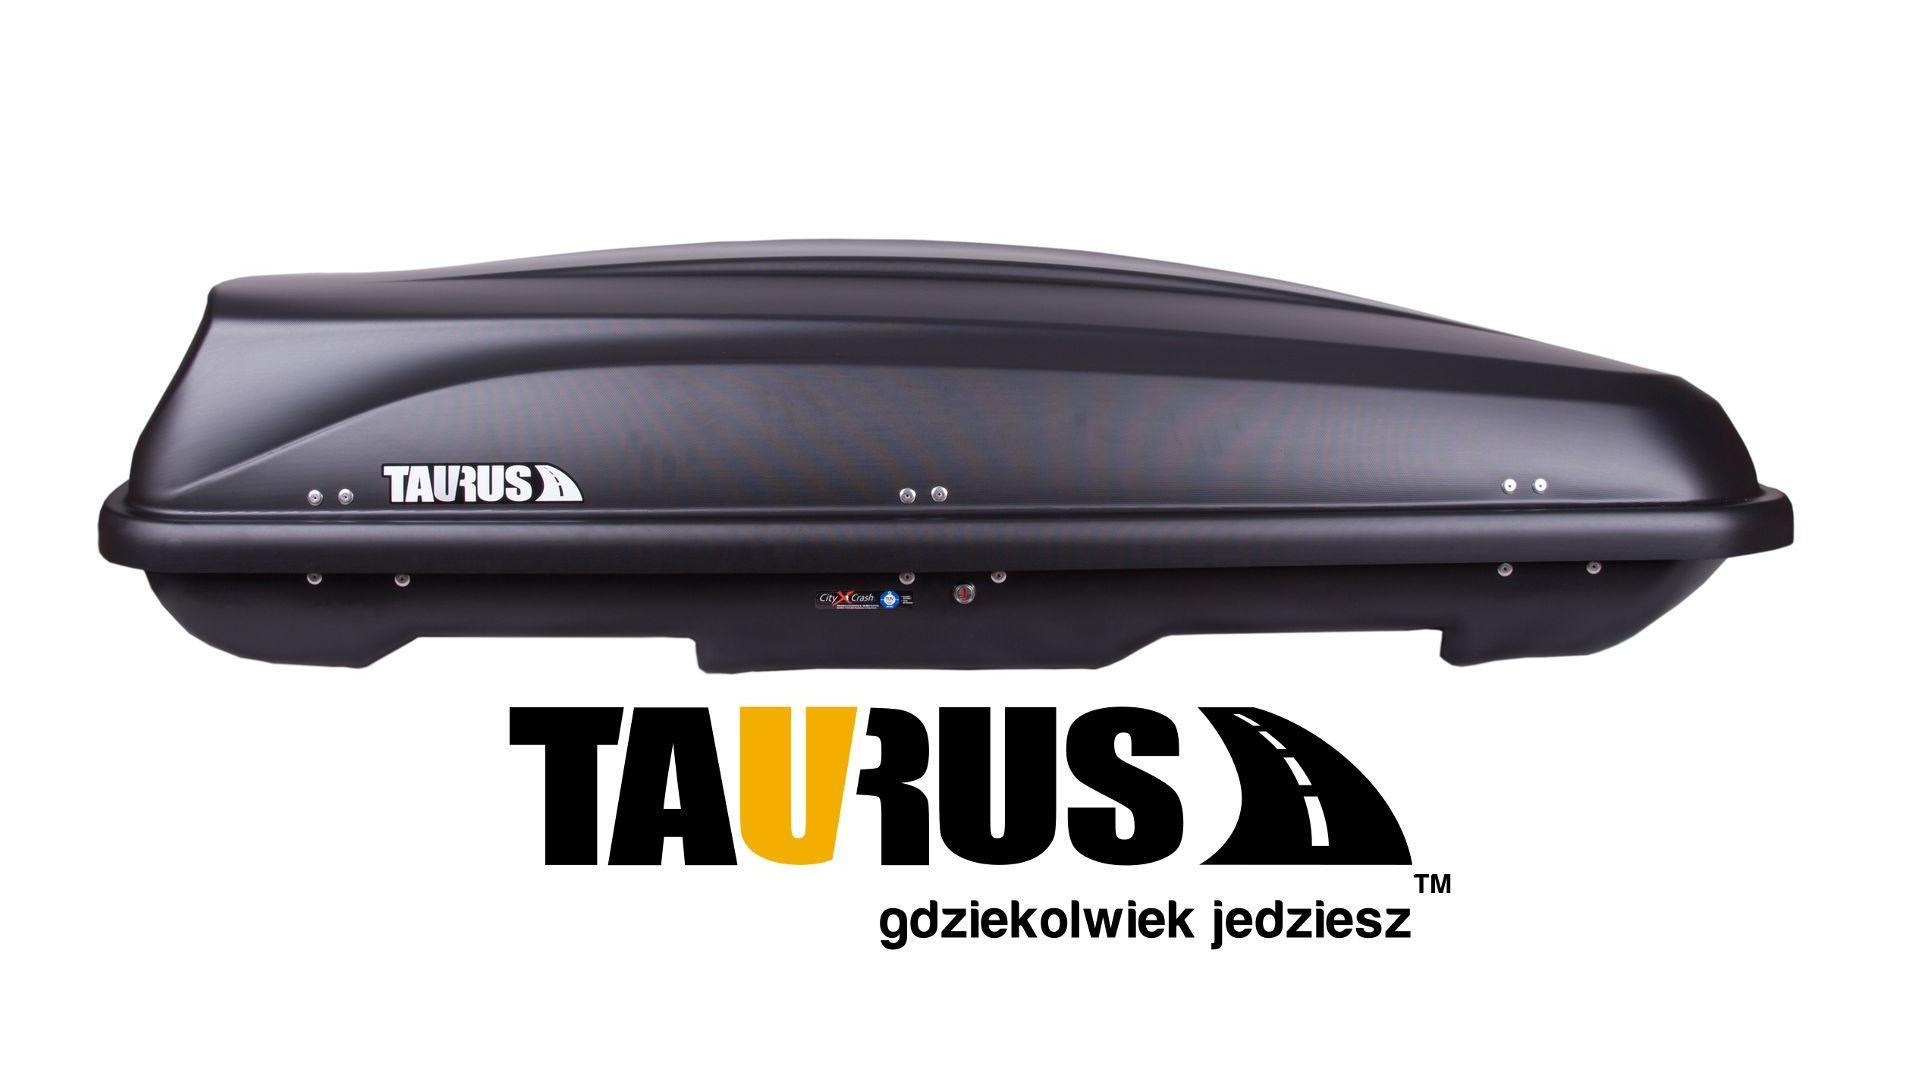 Taurus strešný box Xtreme II 600 (195x95x44) 600l. - čierny karbón (obojstranne otvárateľný)